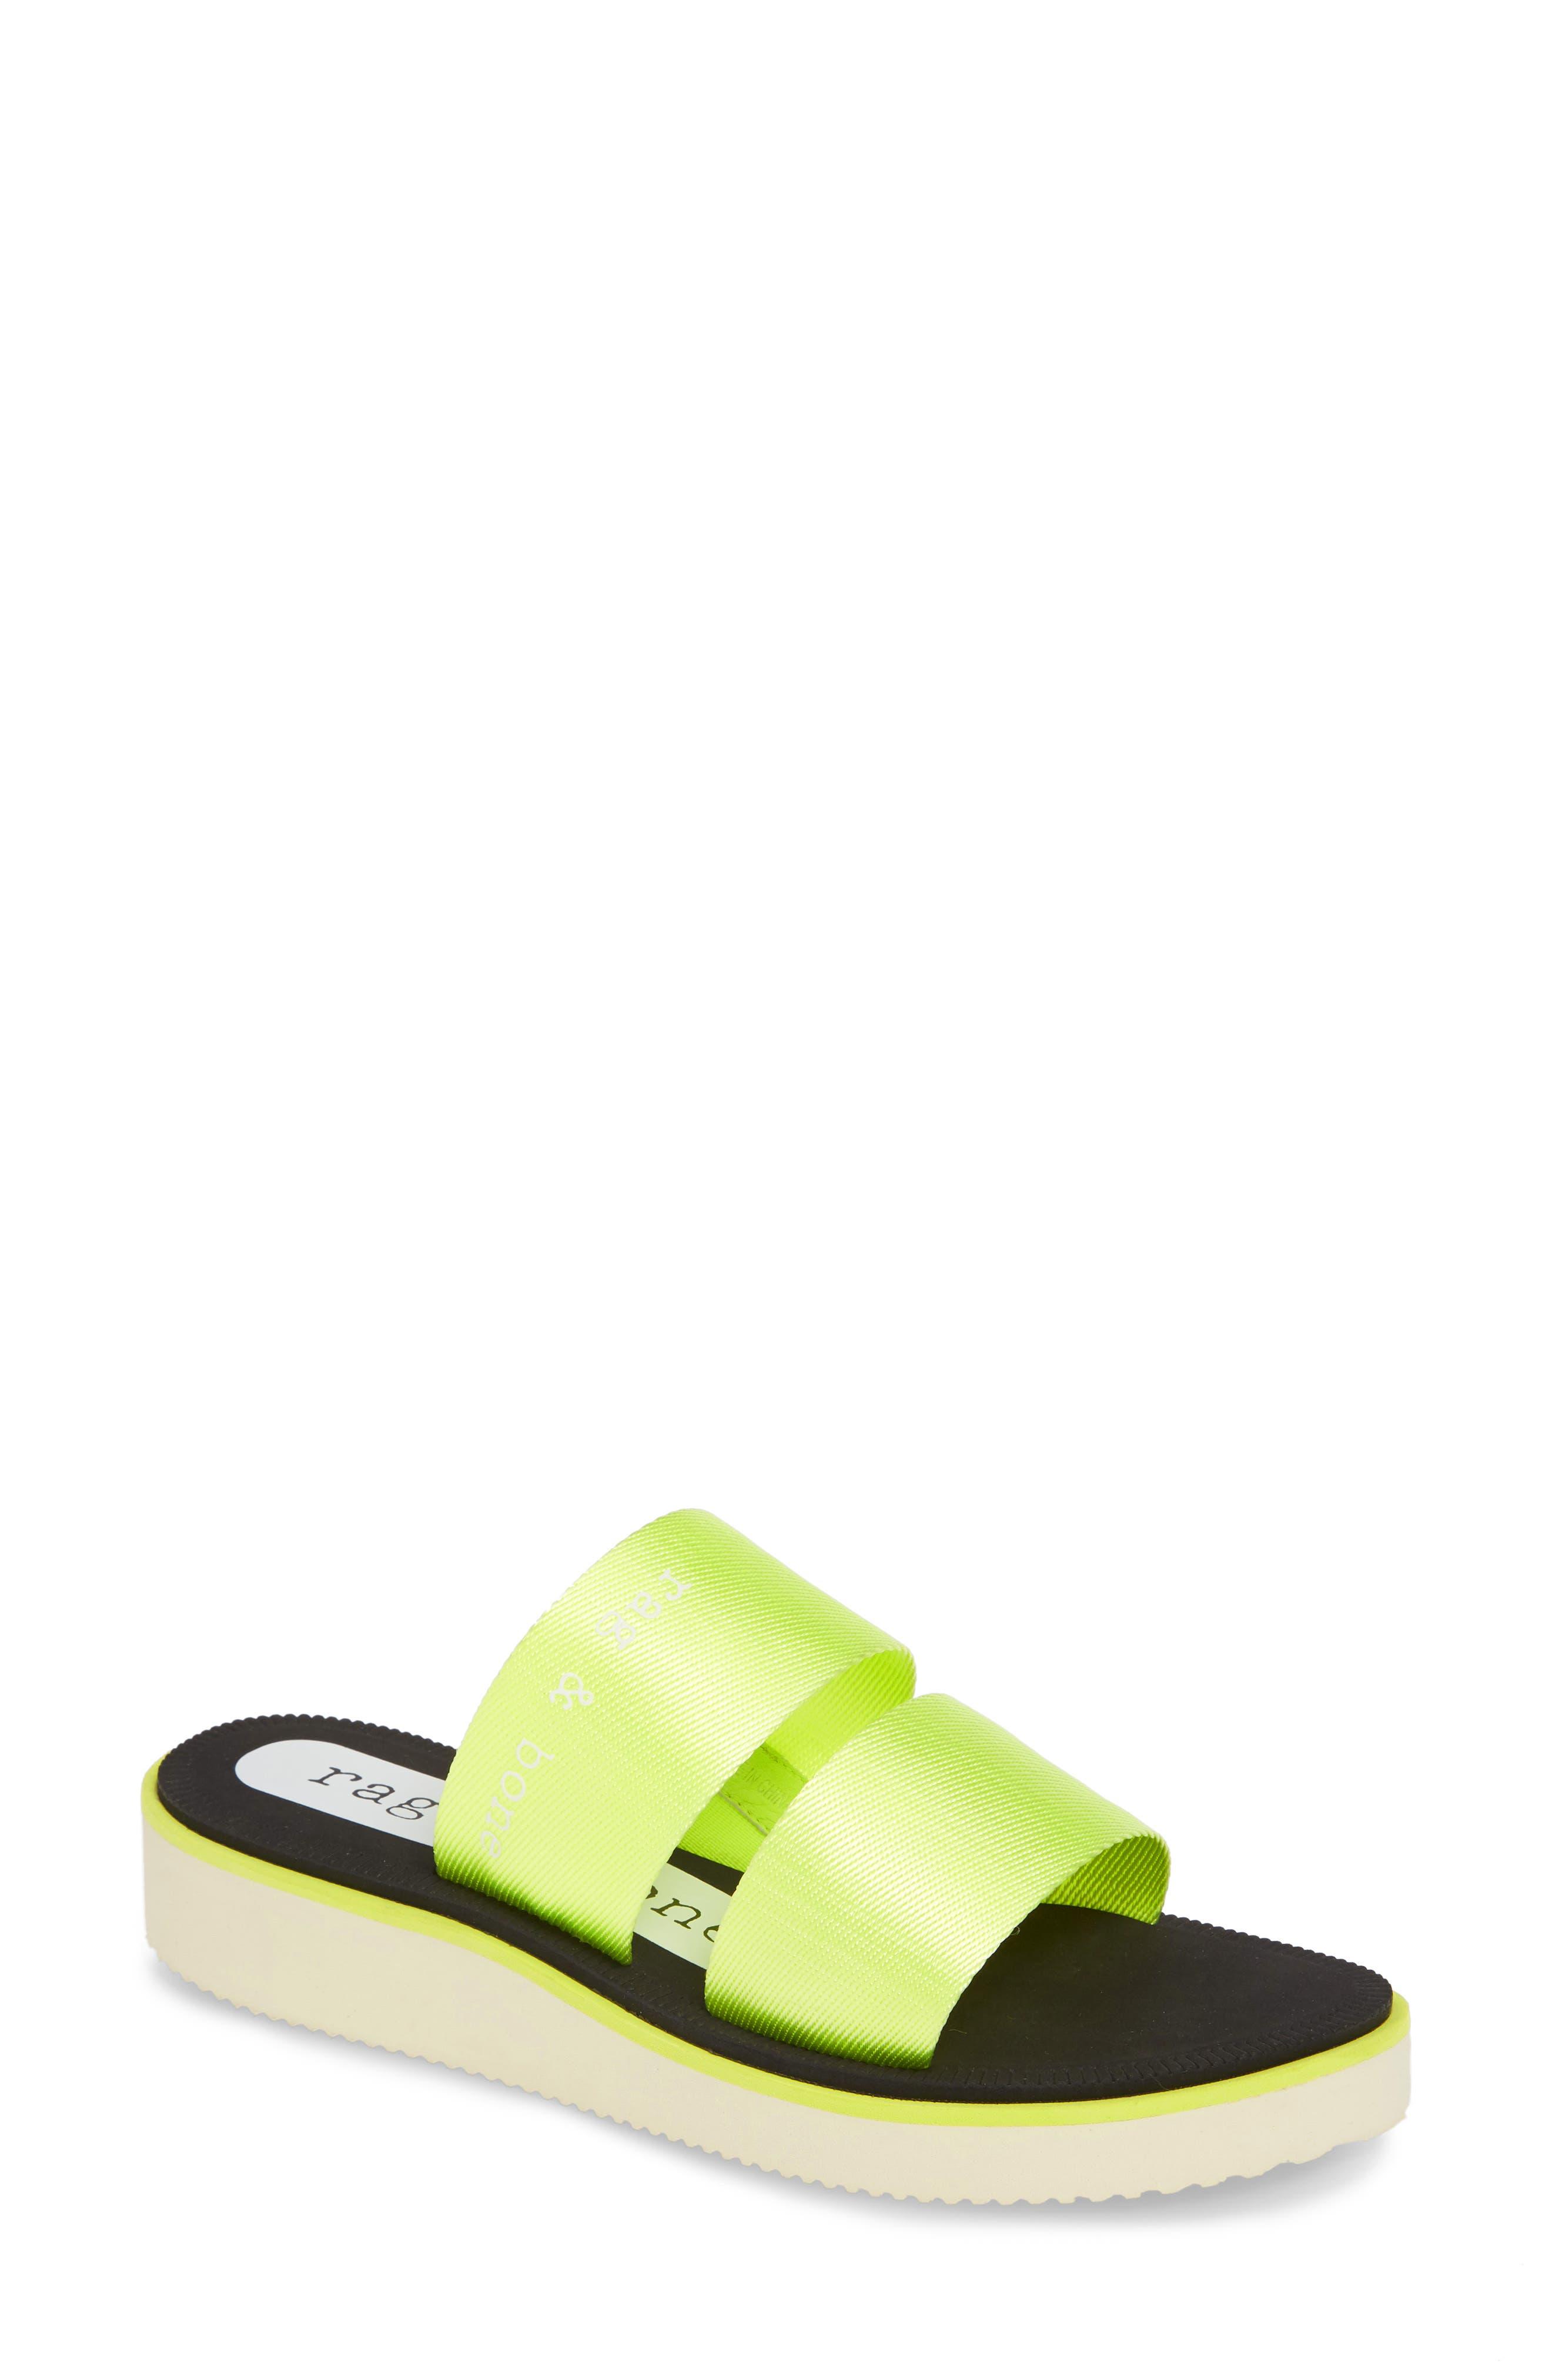 Image of Rag & Bone Mila Slide Sandal